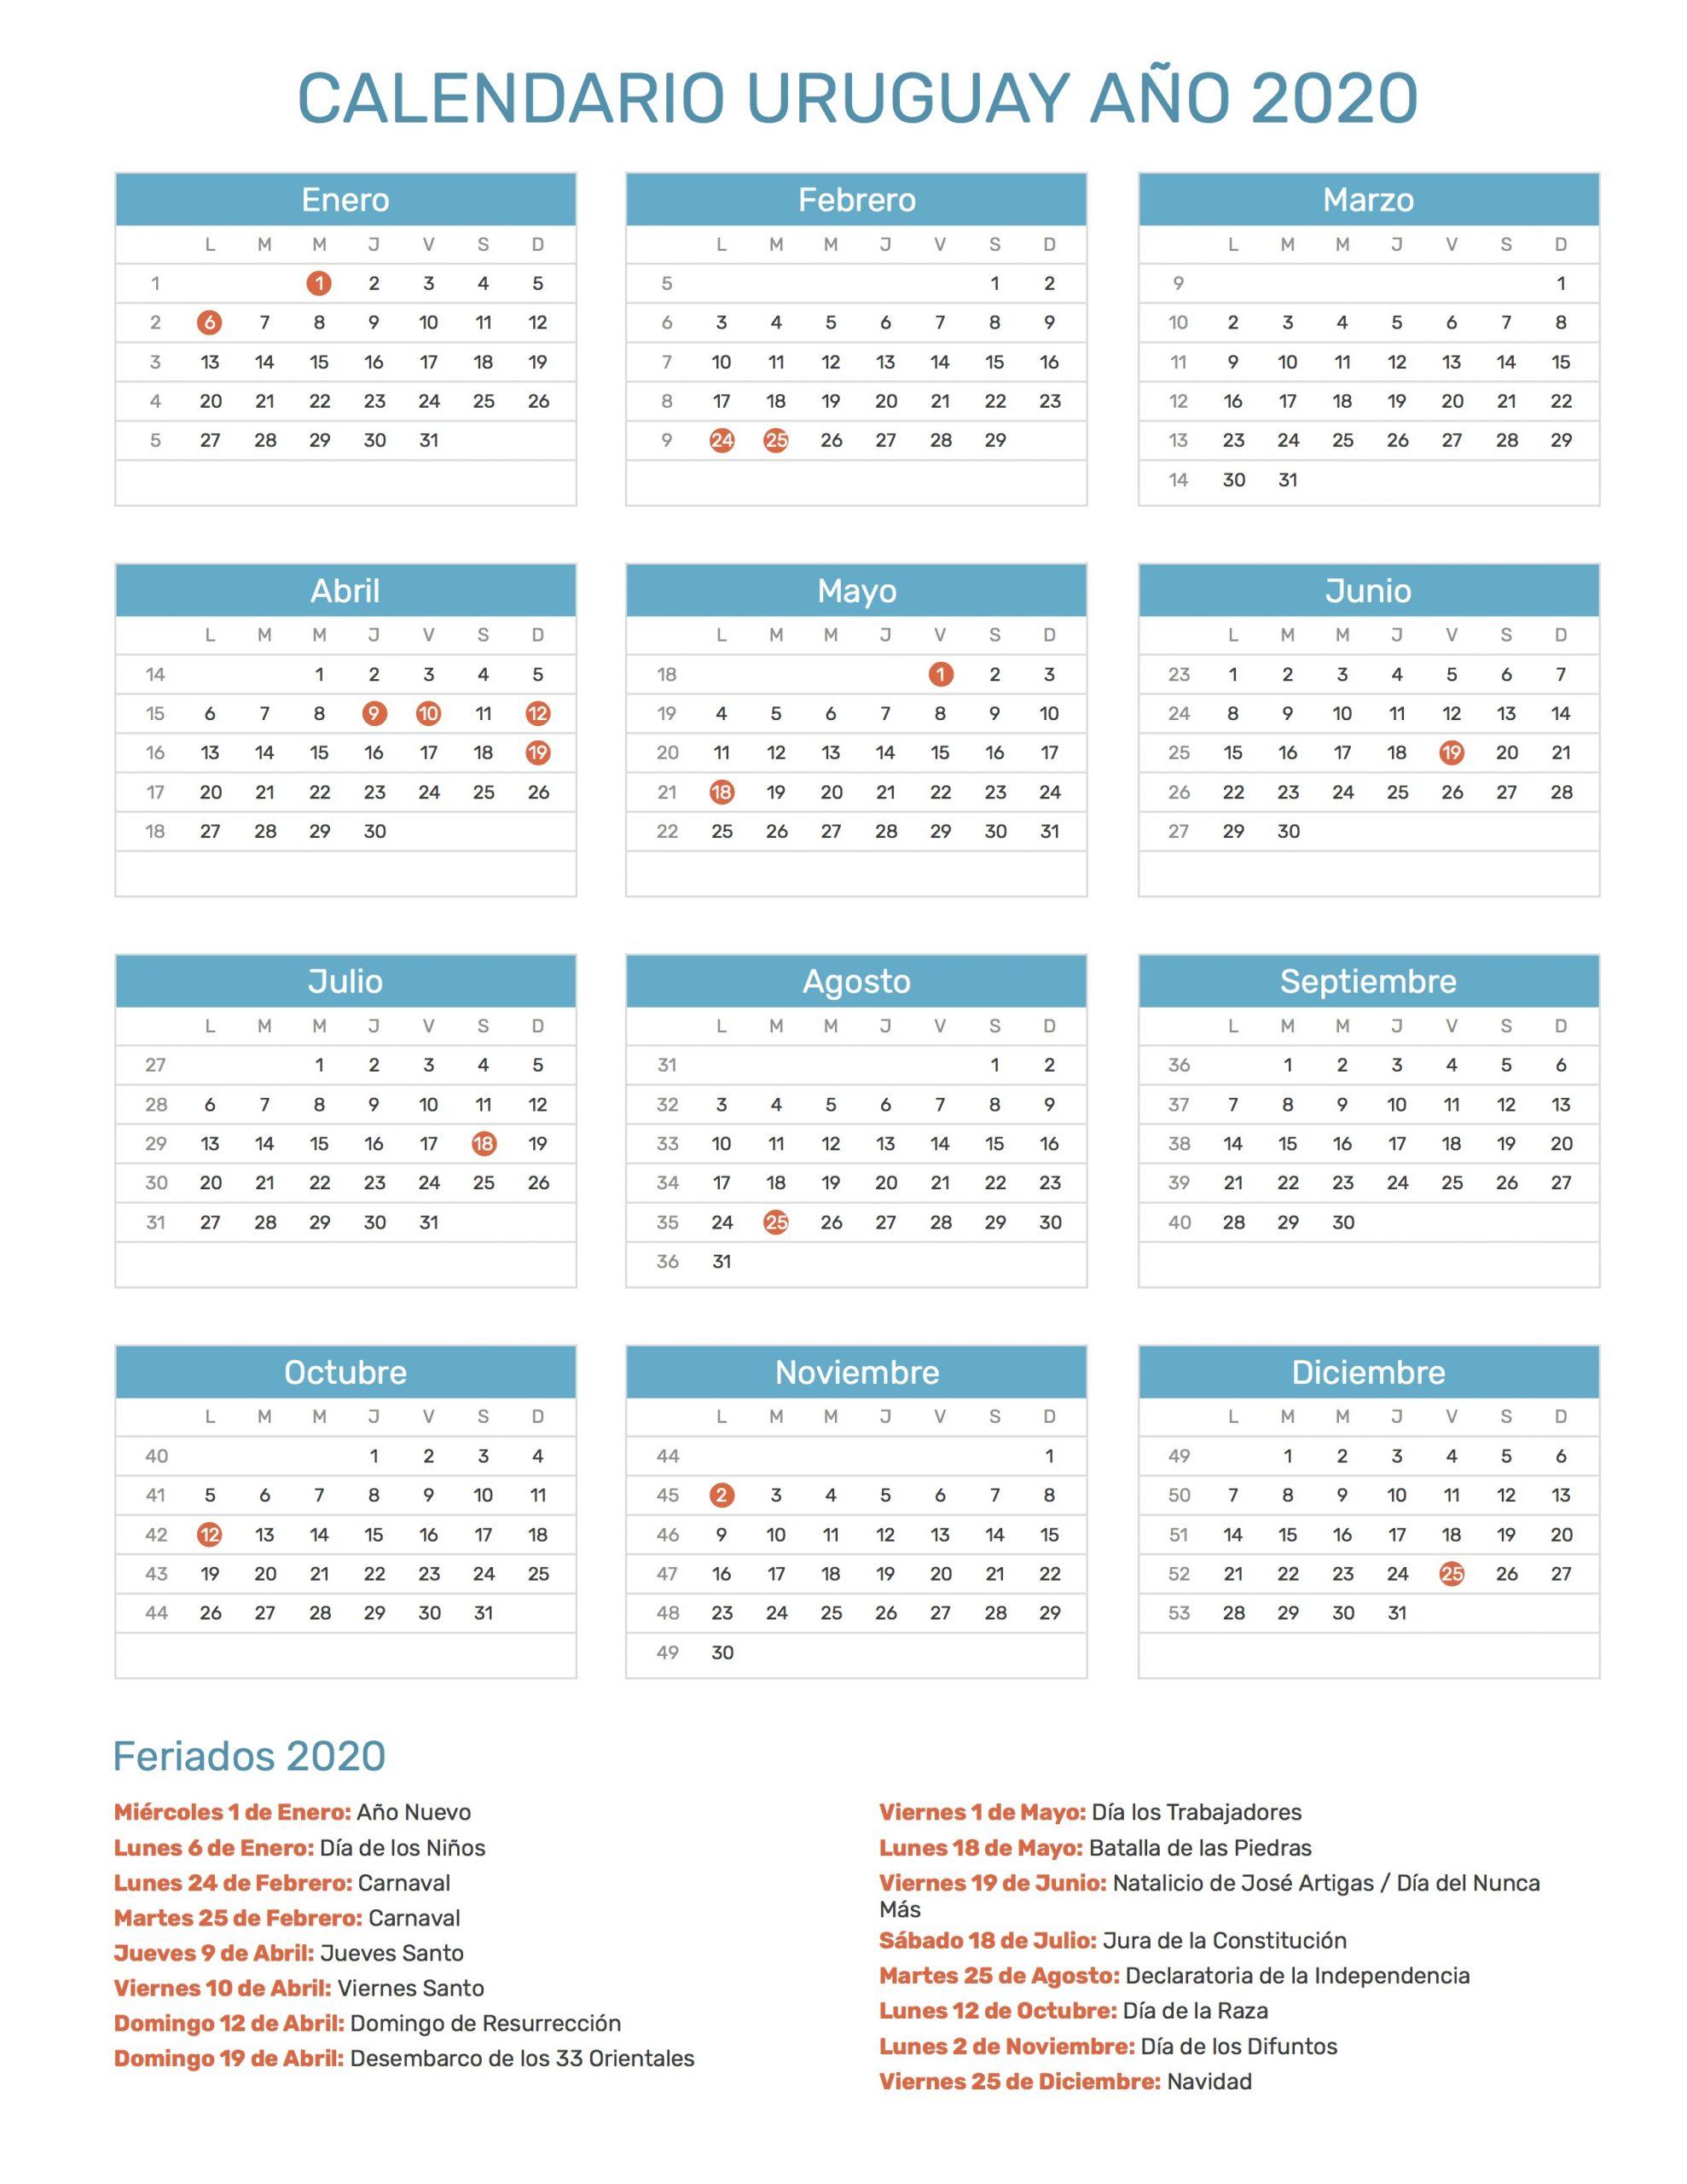 Calendario Juliano 2020 Pdf | Calendar Template Printable